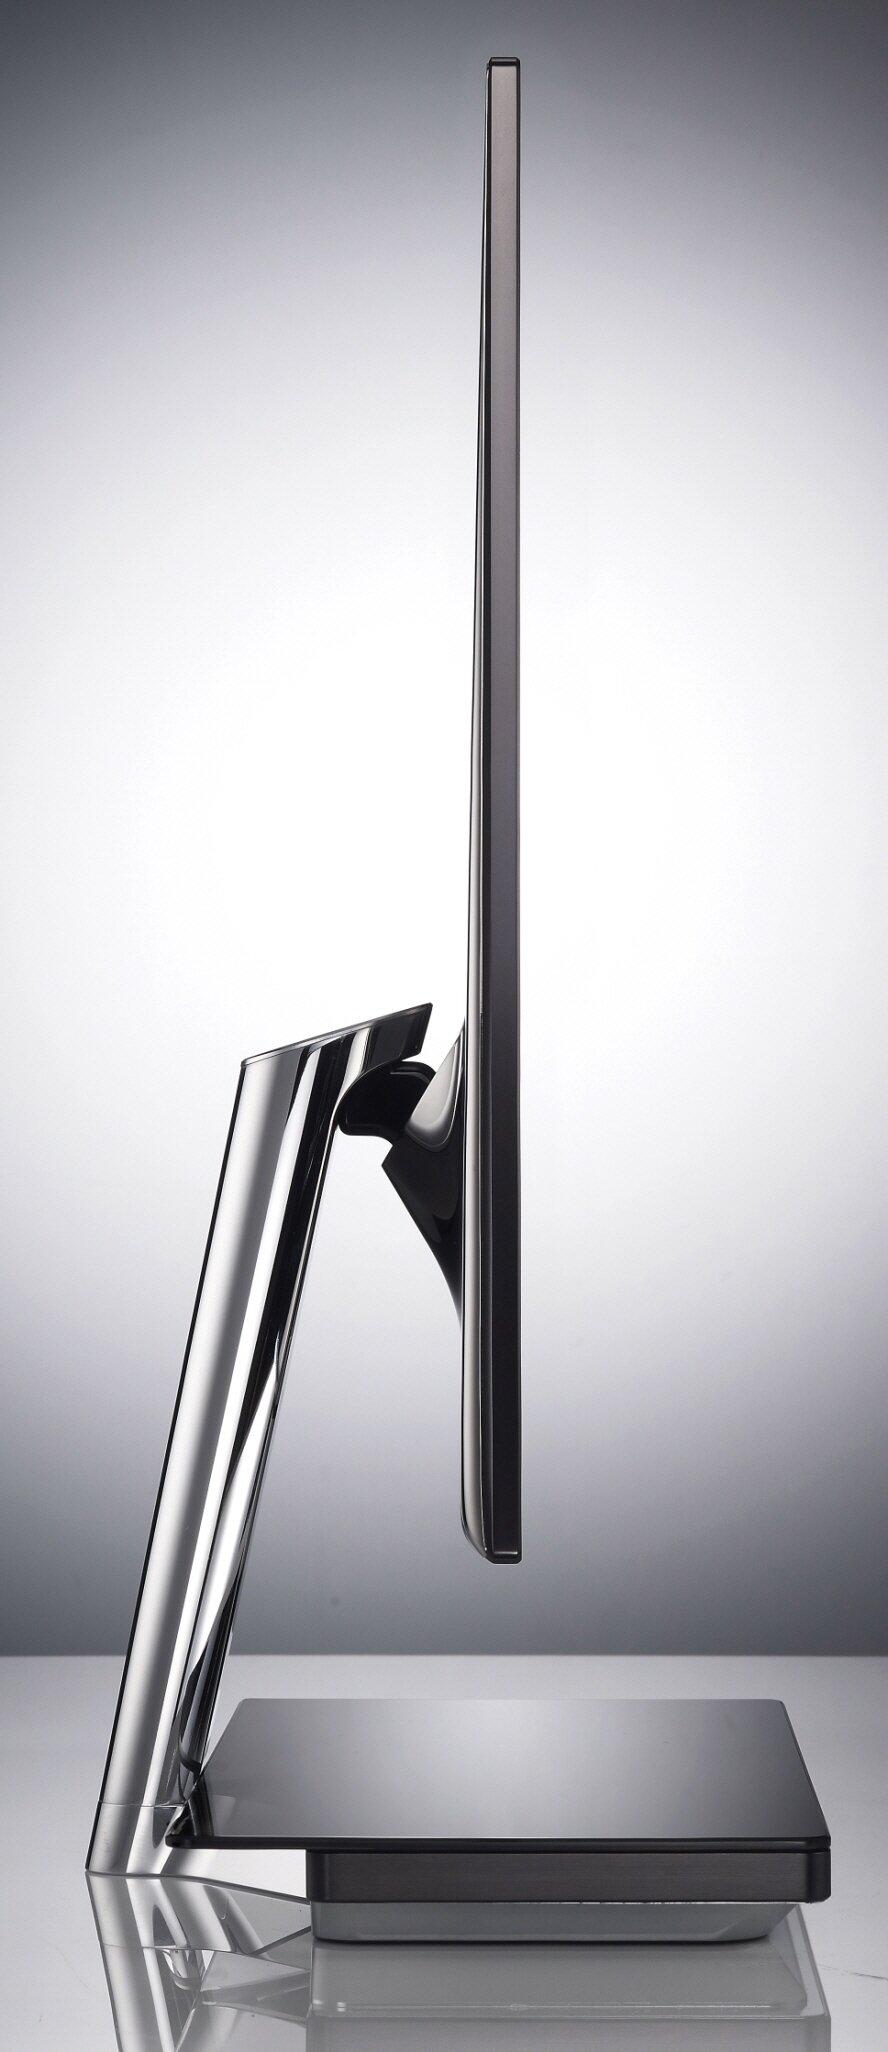 Ifa 2011 des crans led chez lg dont un 3d avec une for Dalle ips 27 pouces